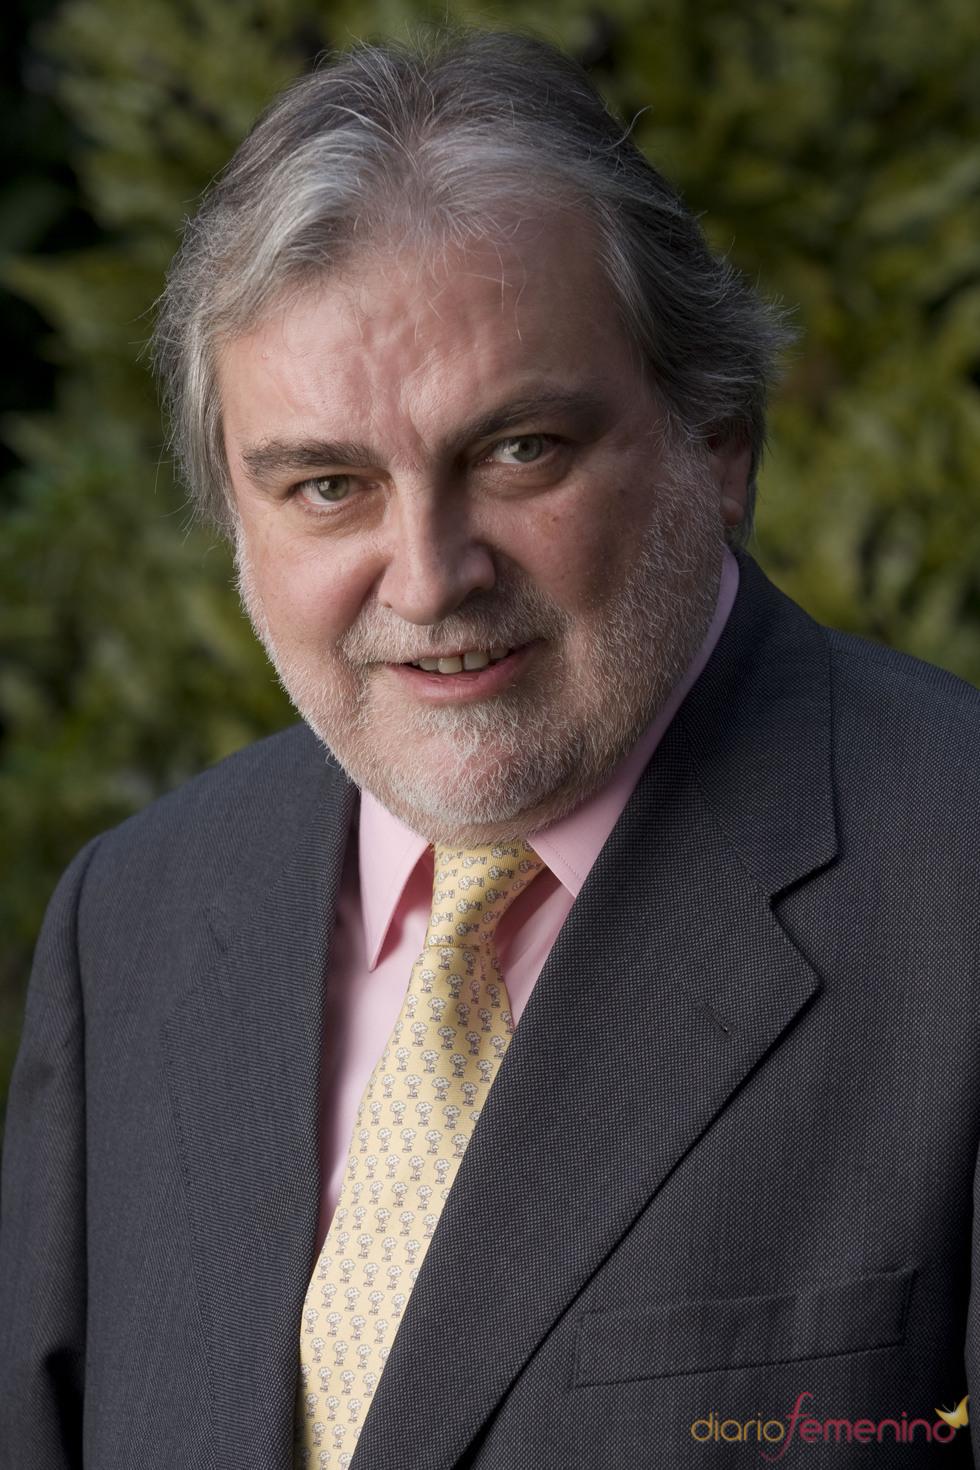 Fallece el periodista Luis Mariñas a los 63 años de edad